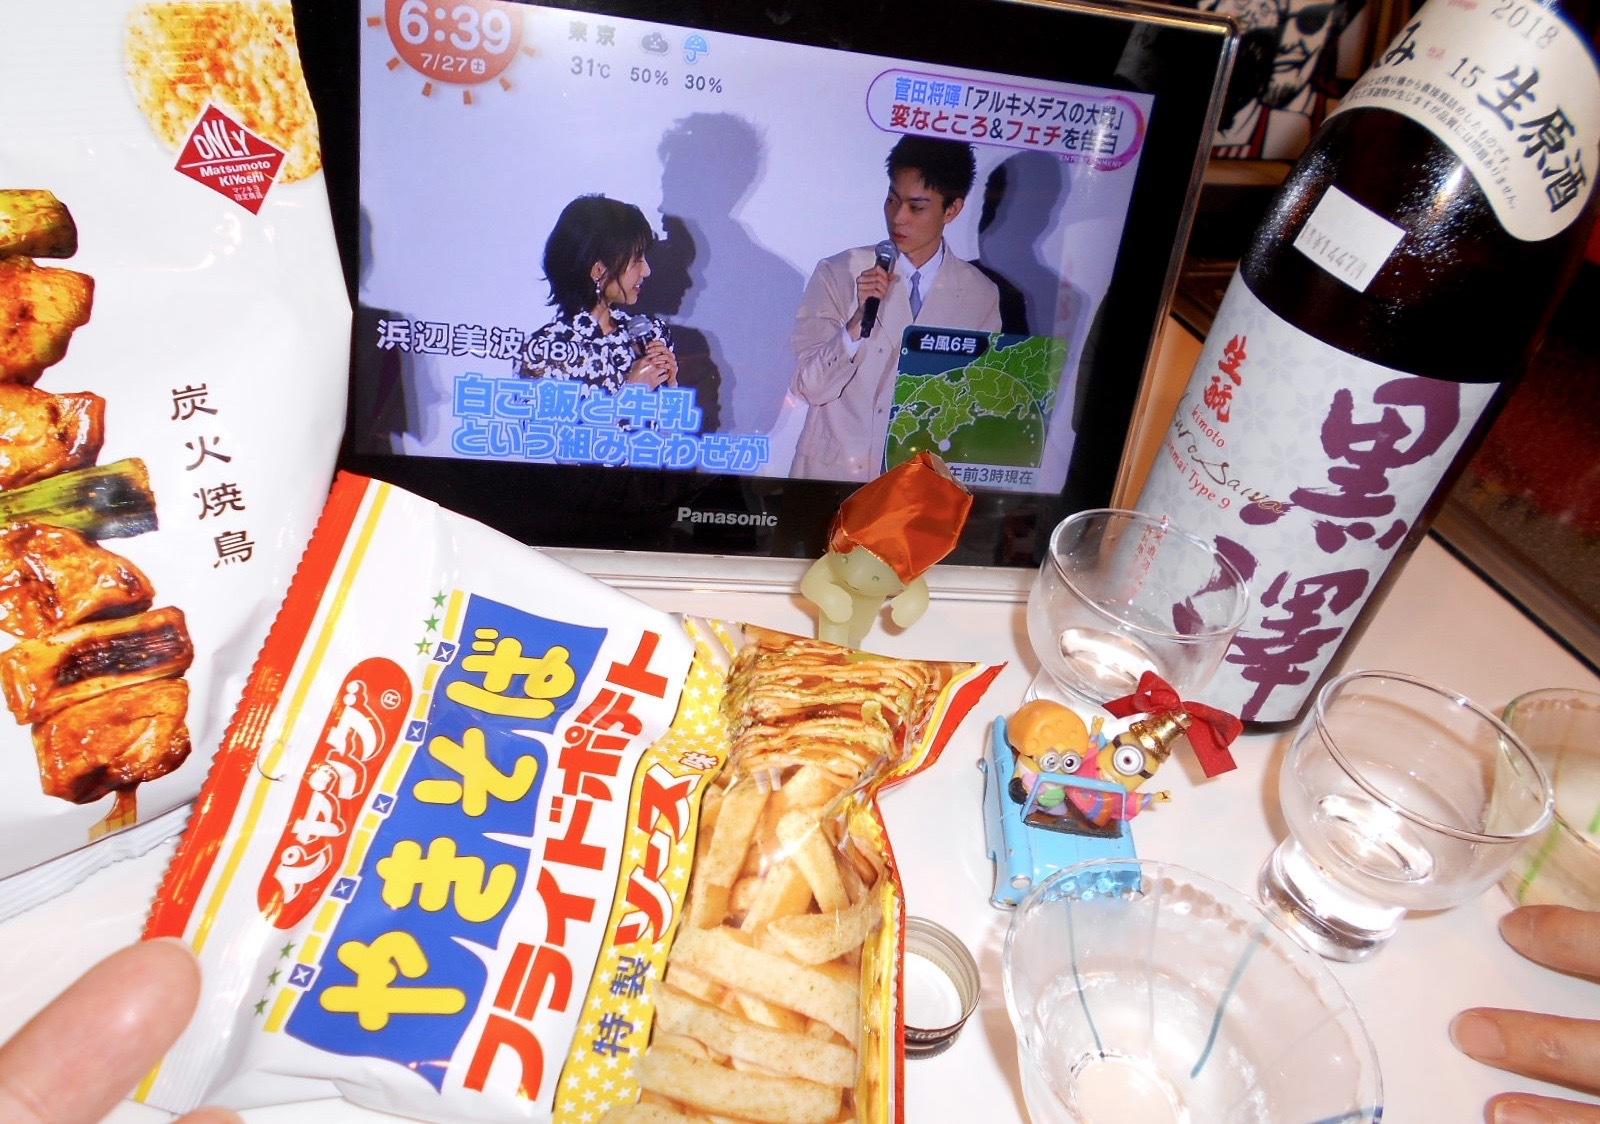 kurosawa_type9_30by4_3.jpg